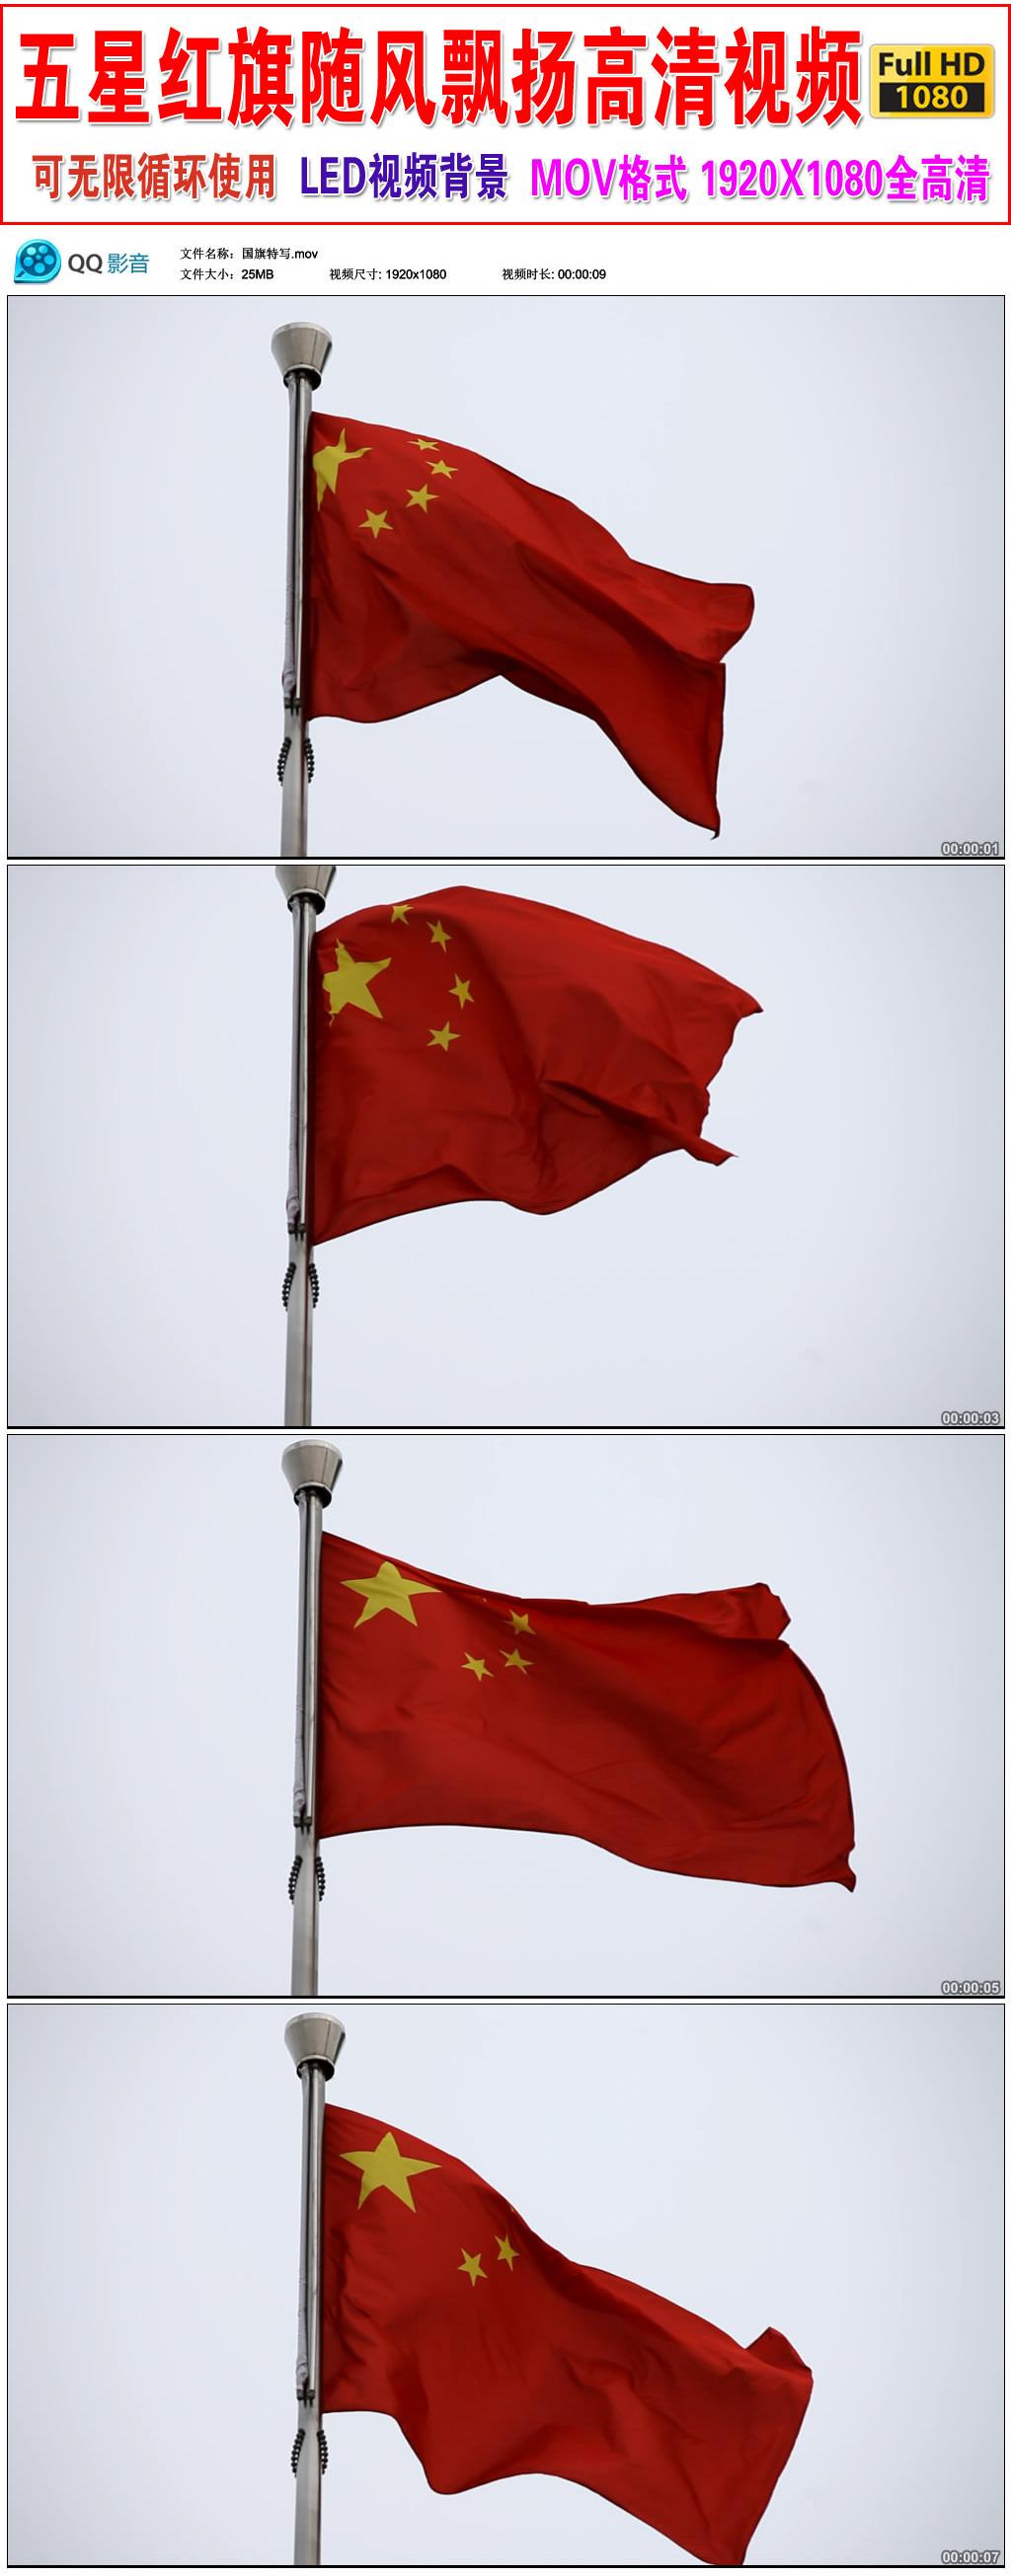 五星红旗迎风飘扬实拍视频图片下载 中国国旗迎风飘扬的高清实拍视频